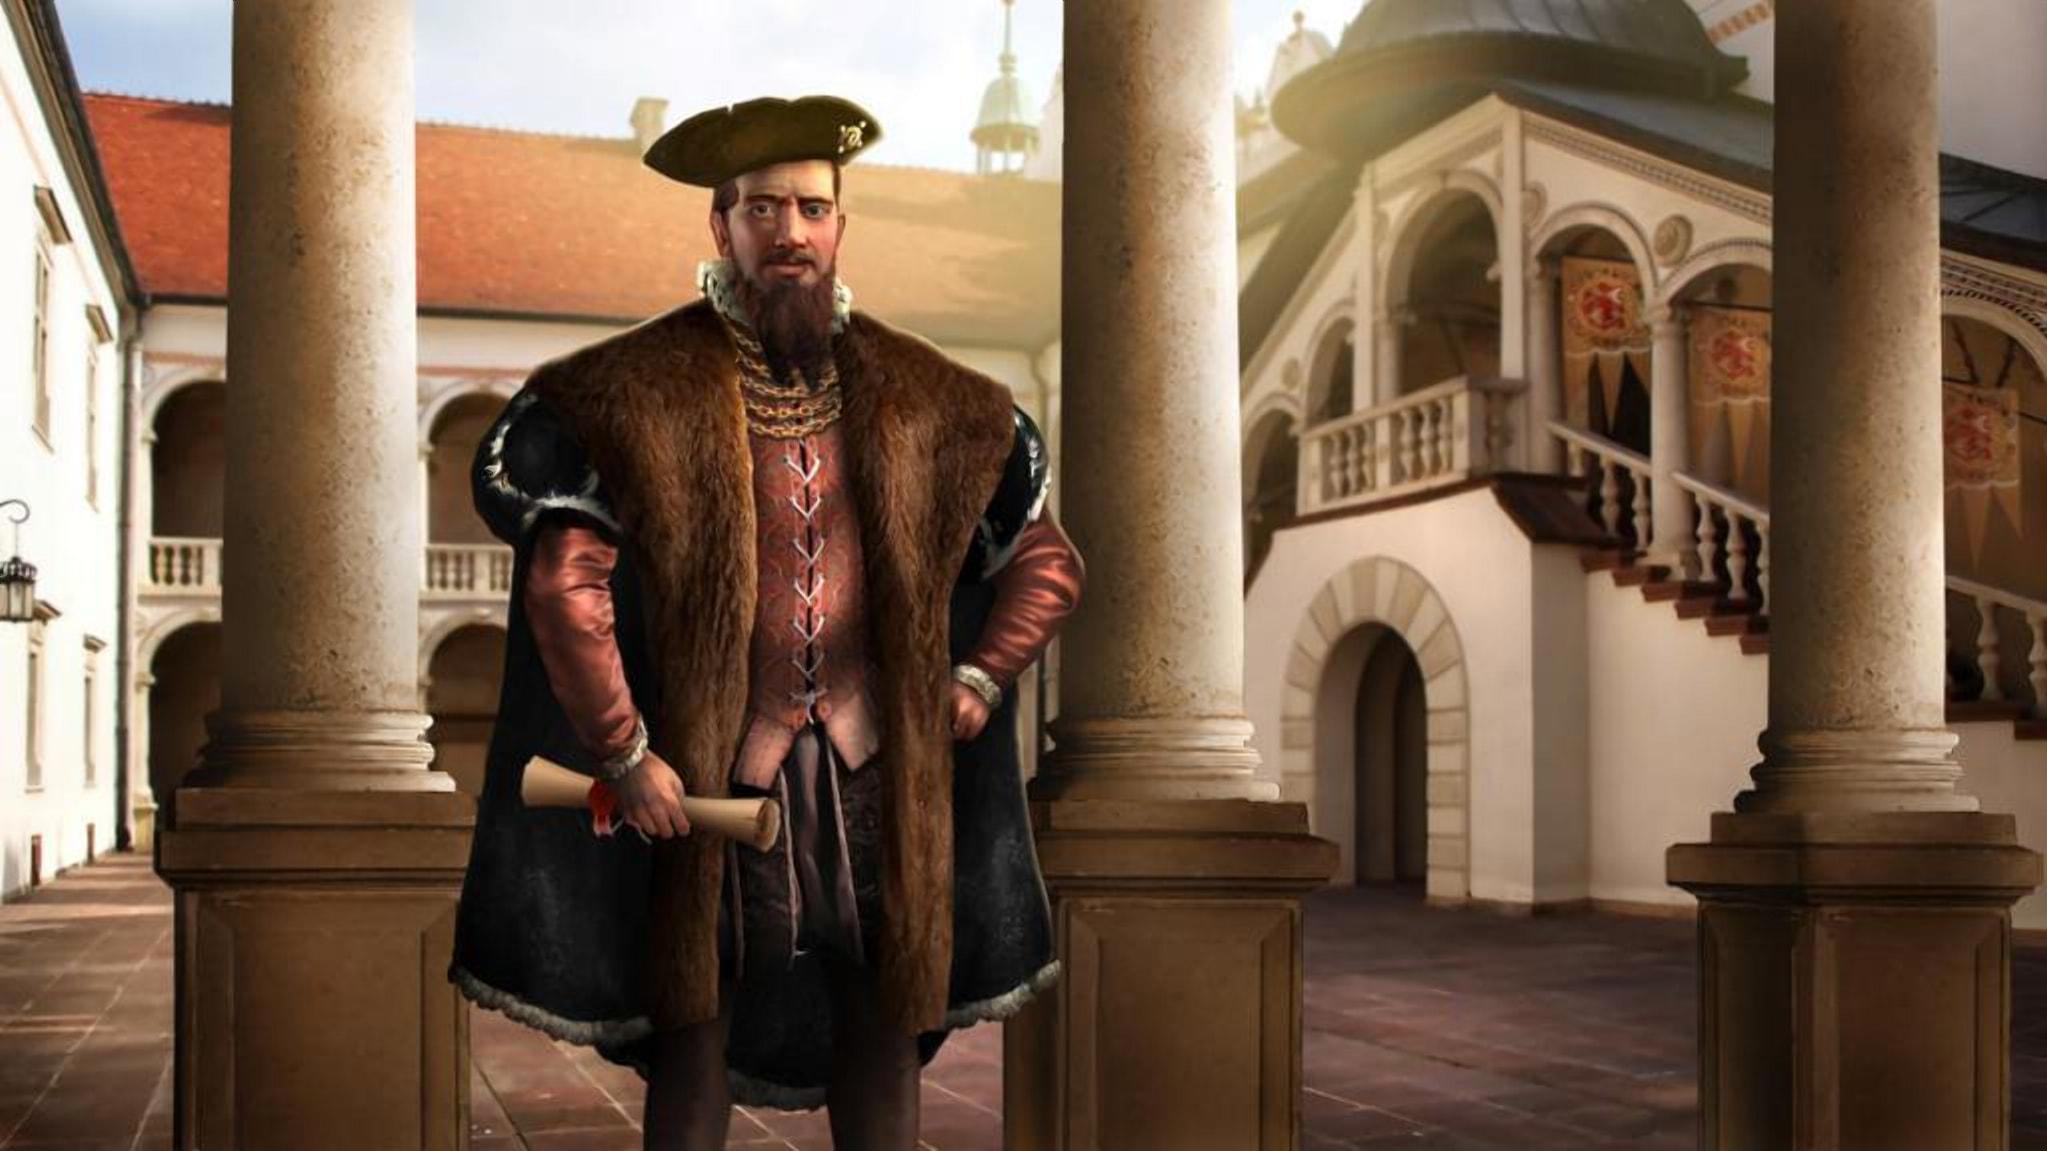 Жигимонт II Август уравнял в правах католиков, православных и протестантов